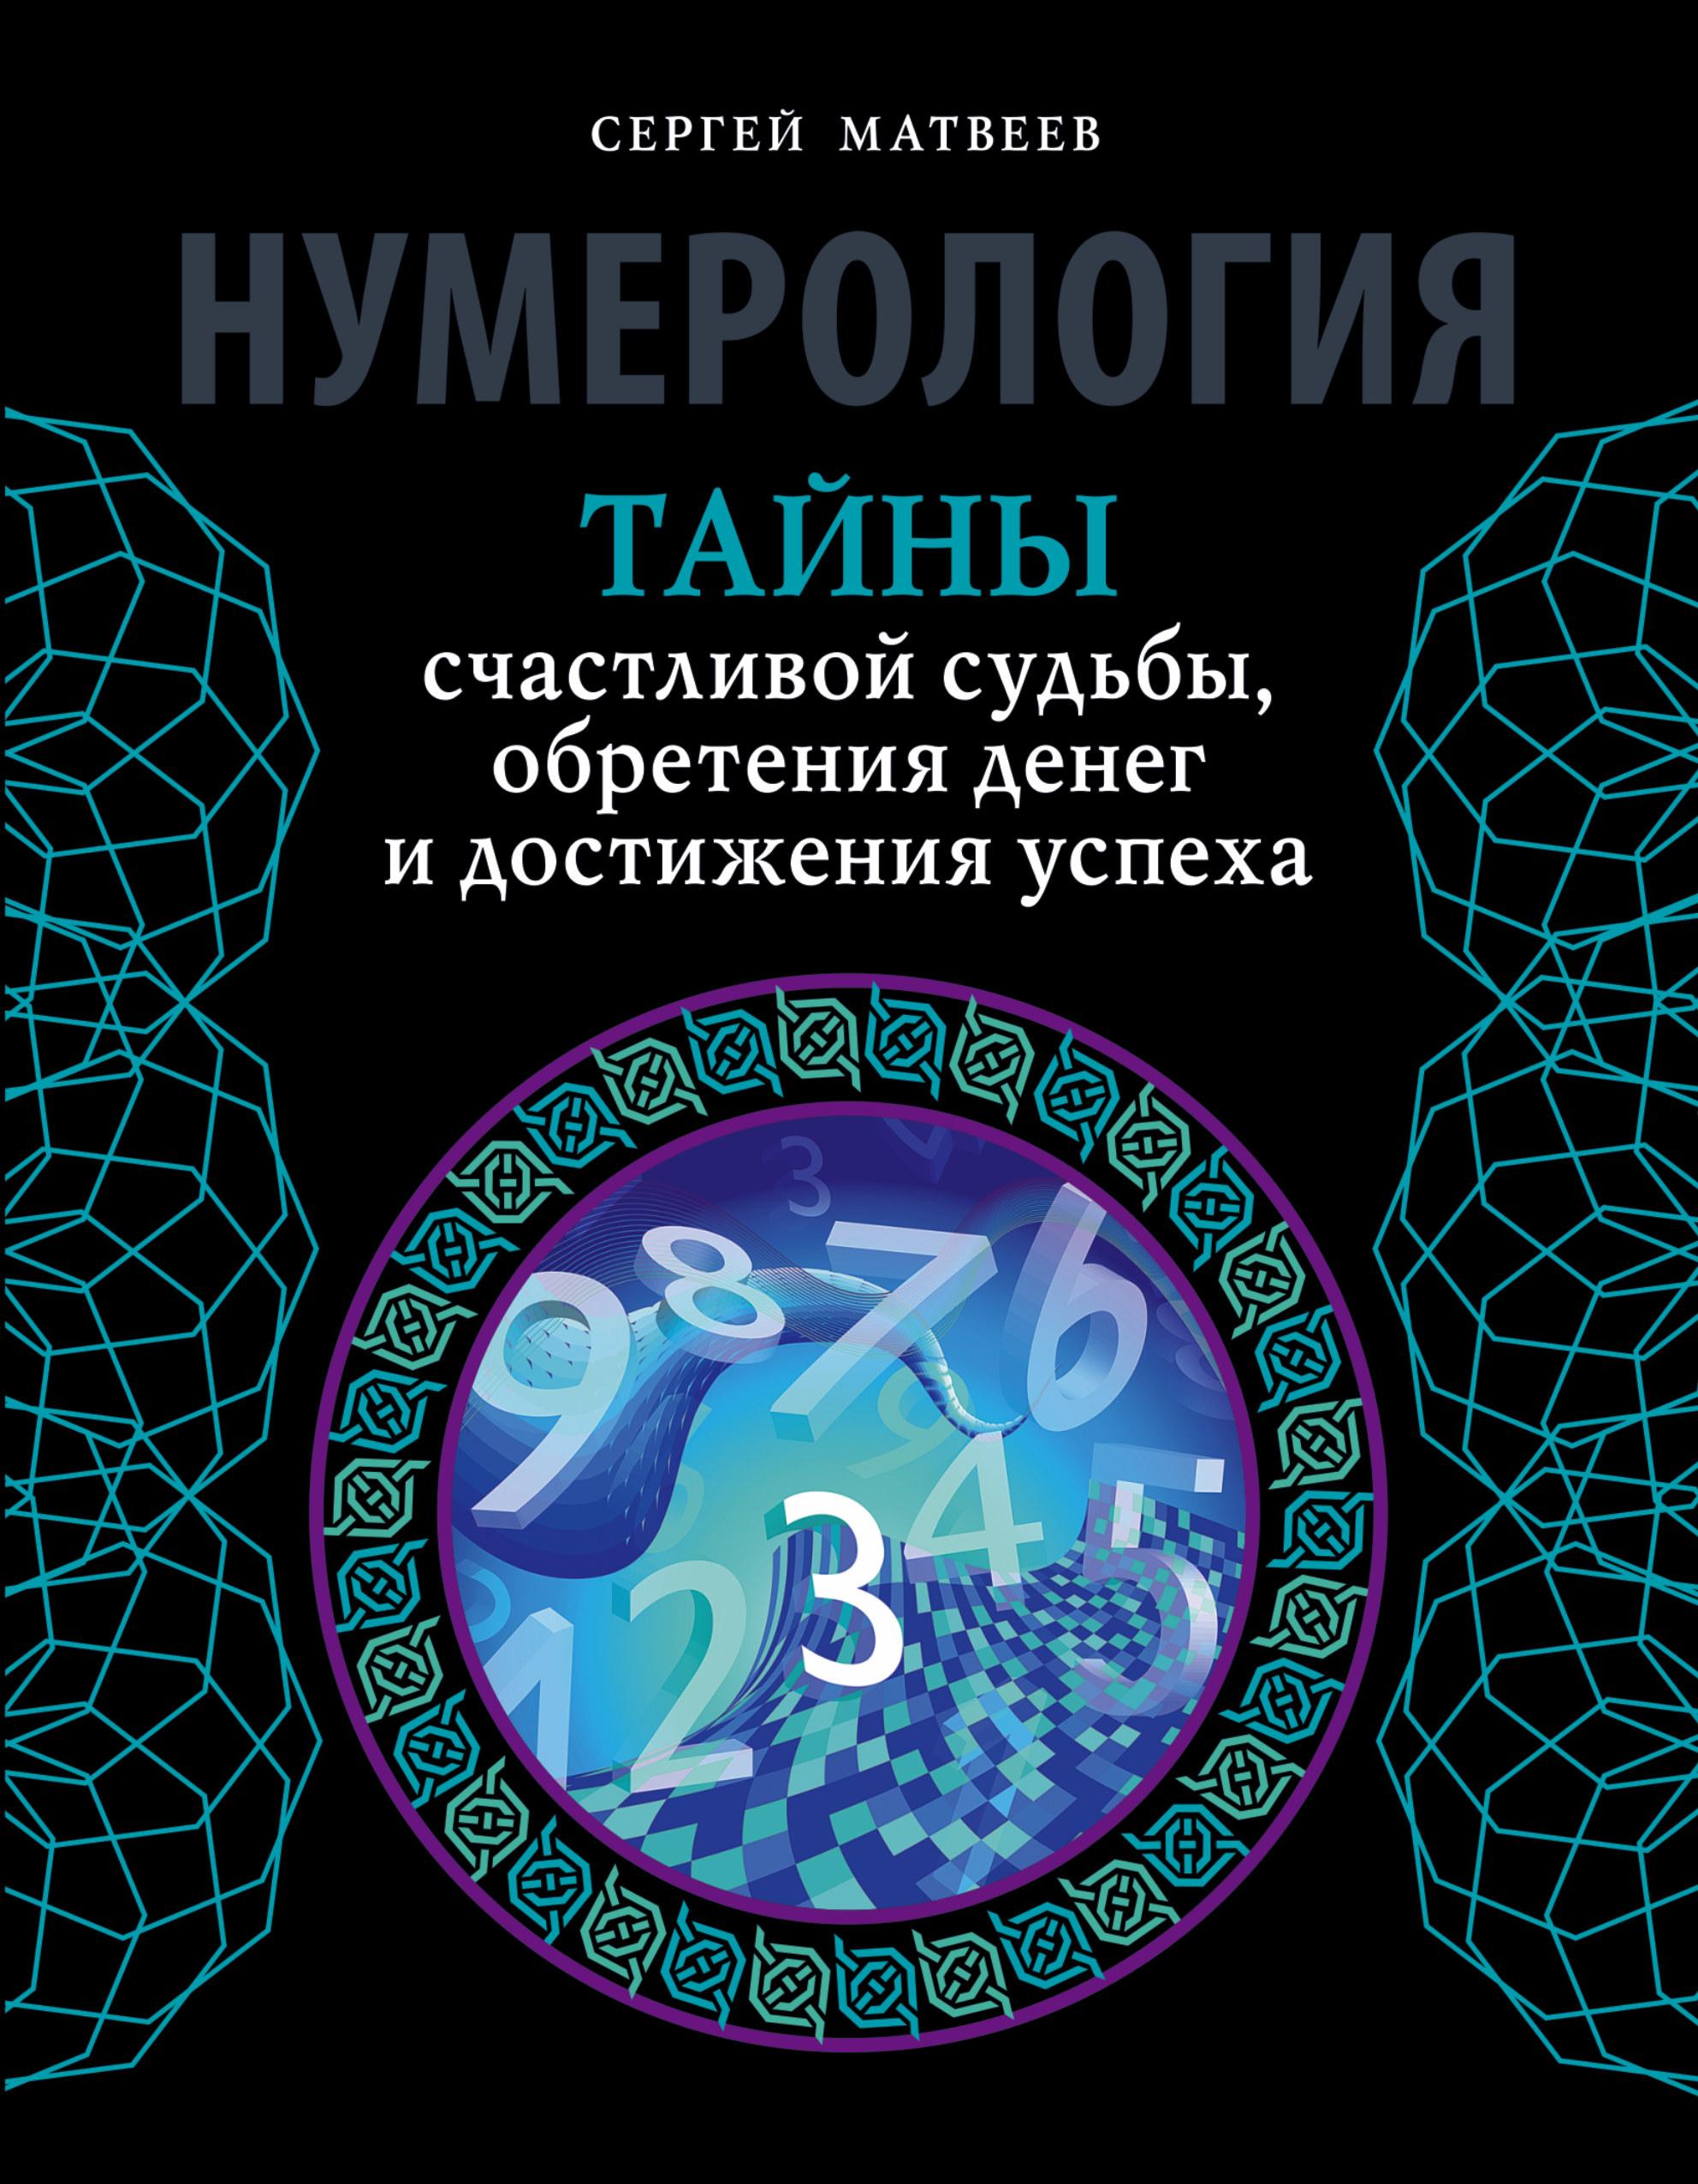 Матвеев С.А. Нумерология. Тайны счастливой судьбы, обретения денег и достижения успеха